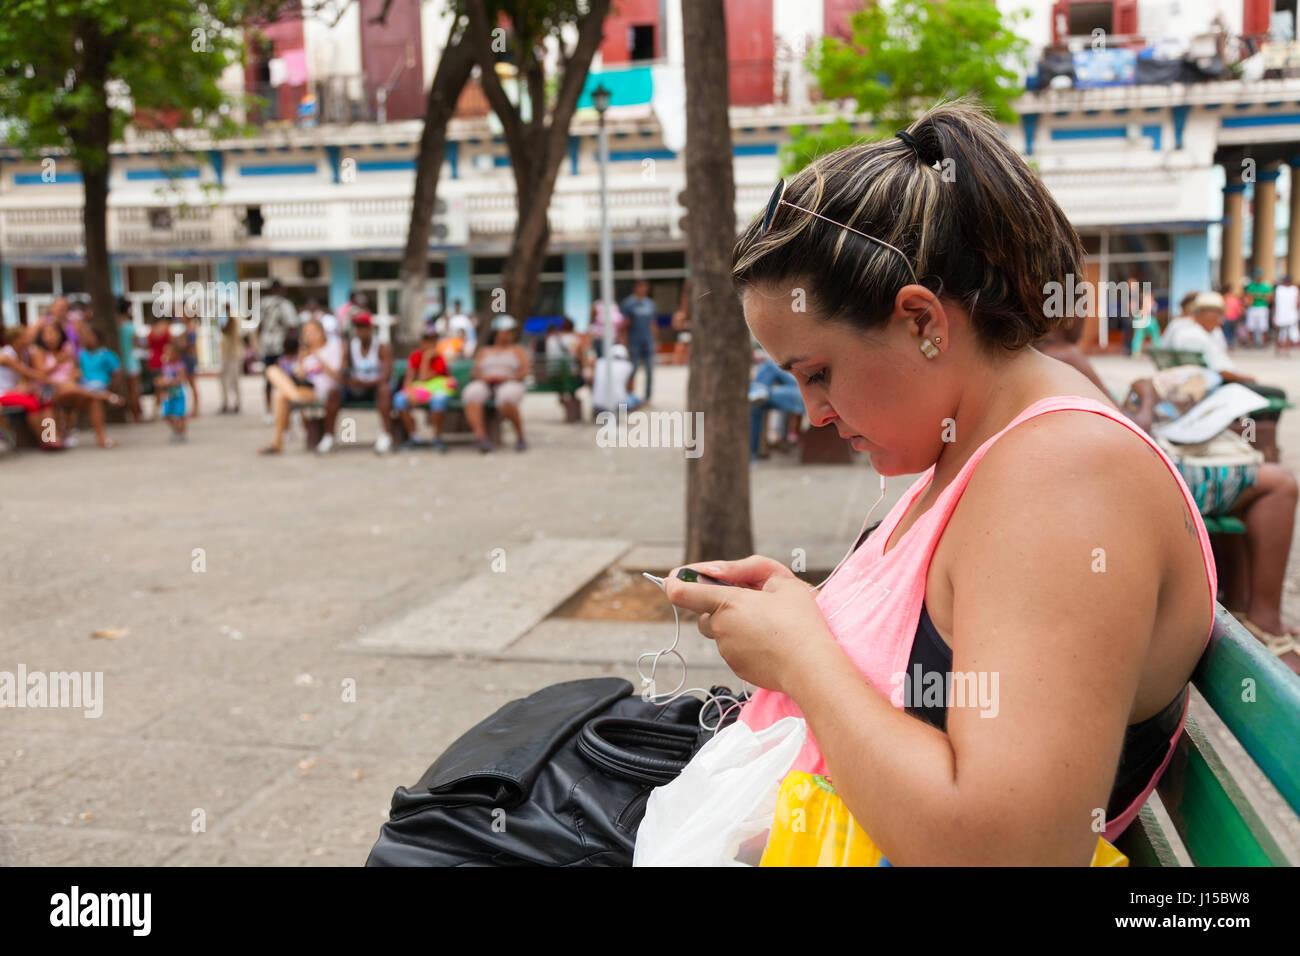 Una mujer cubana utilizando su smartphone en un hotspot wifi pública en La Habana, Cuba. Imagen De Stock